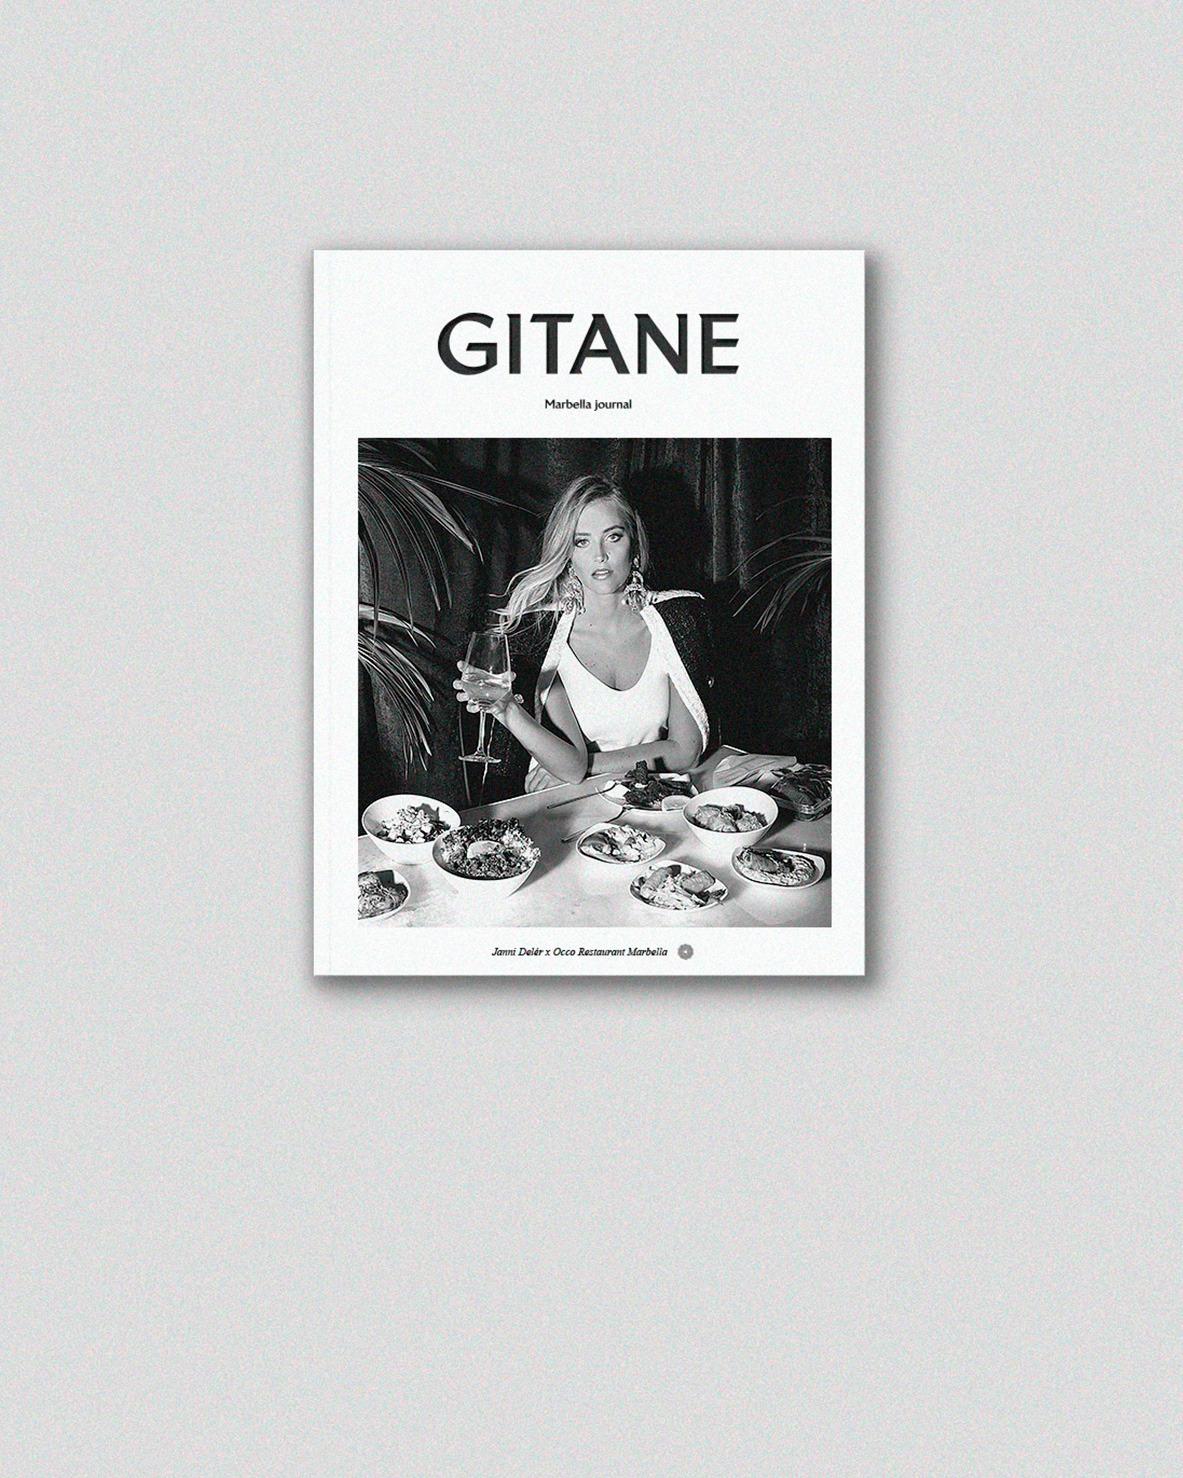 gitane-cover-slider-mobile